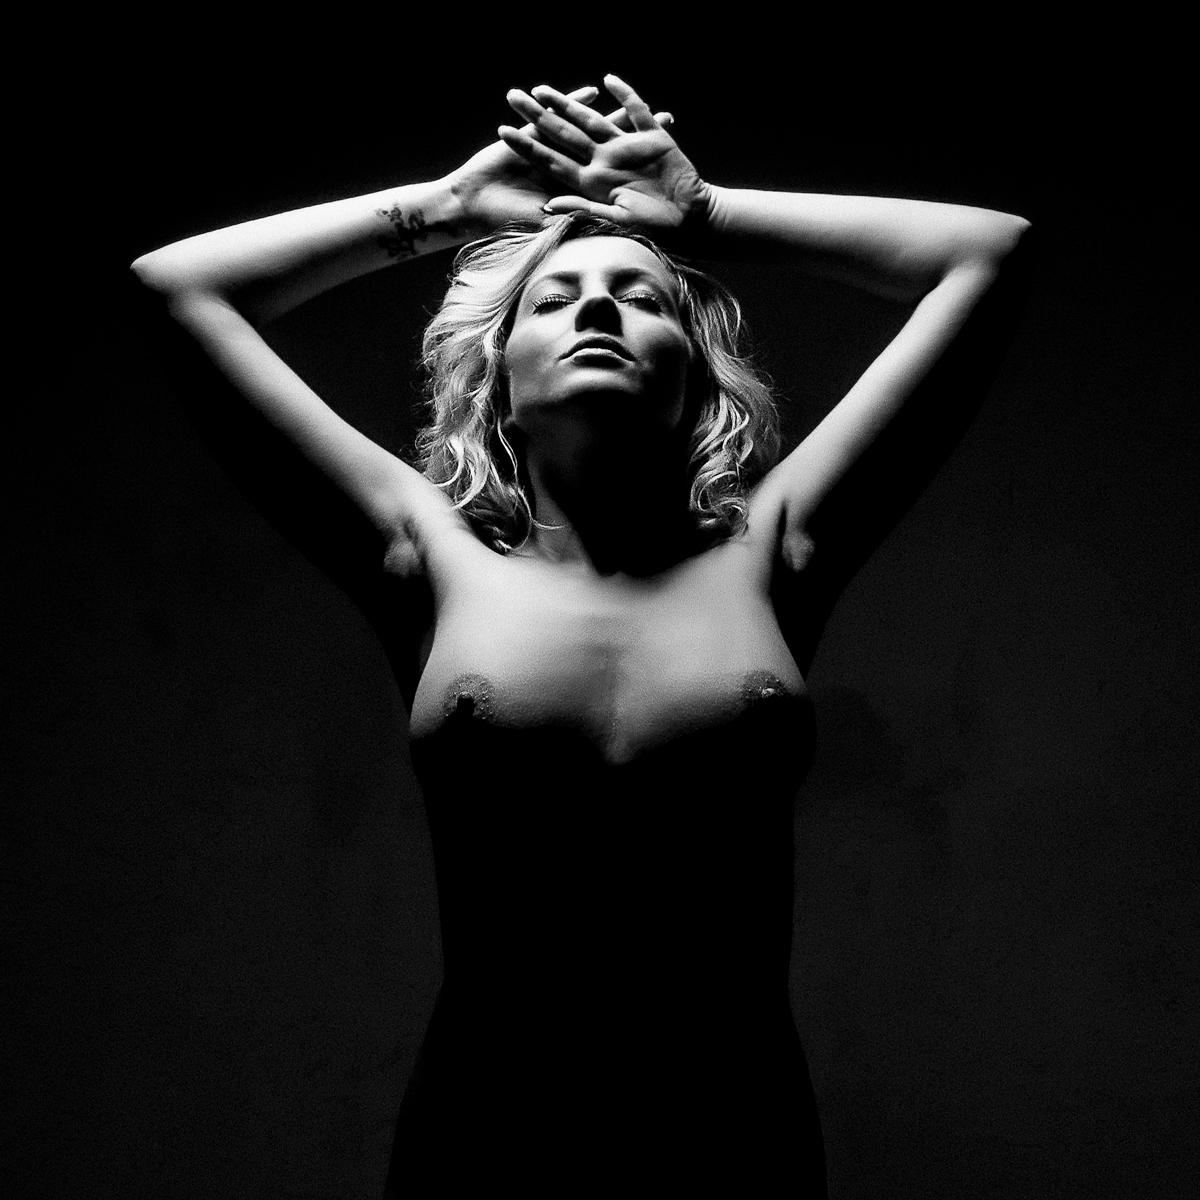 Kreatywna Fotografia Intymna